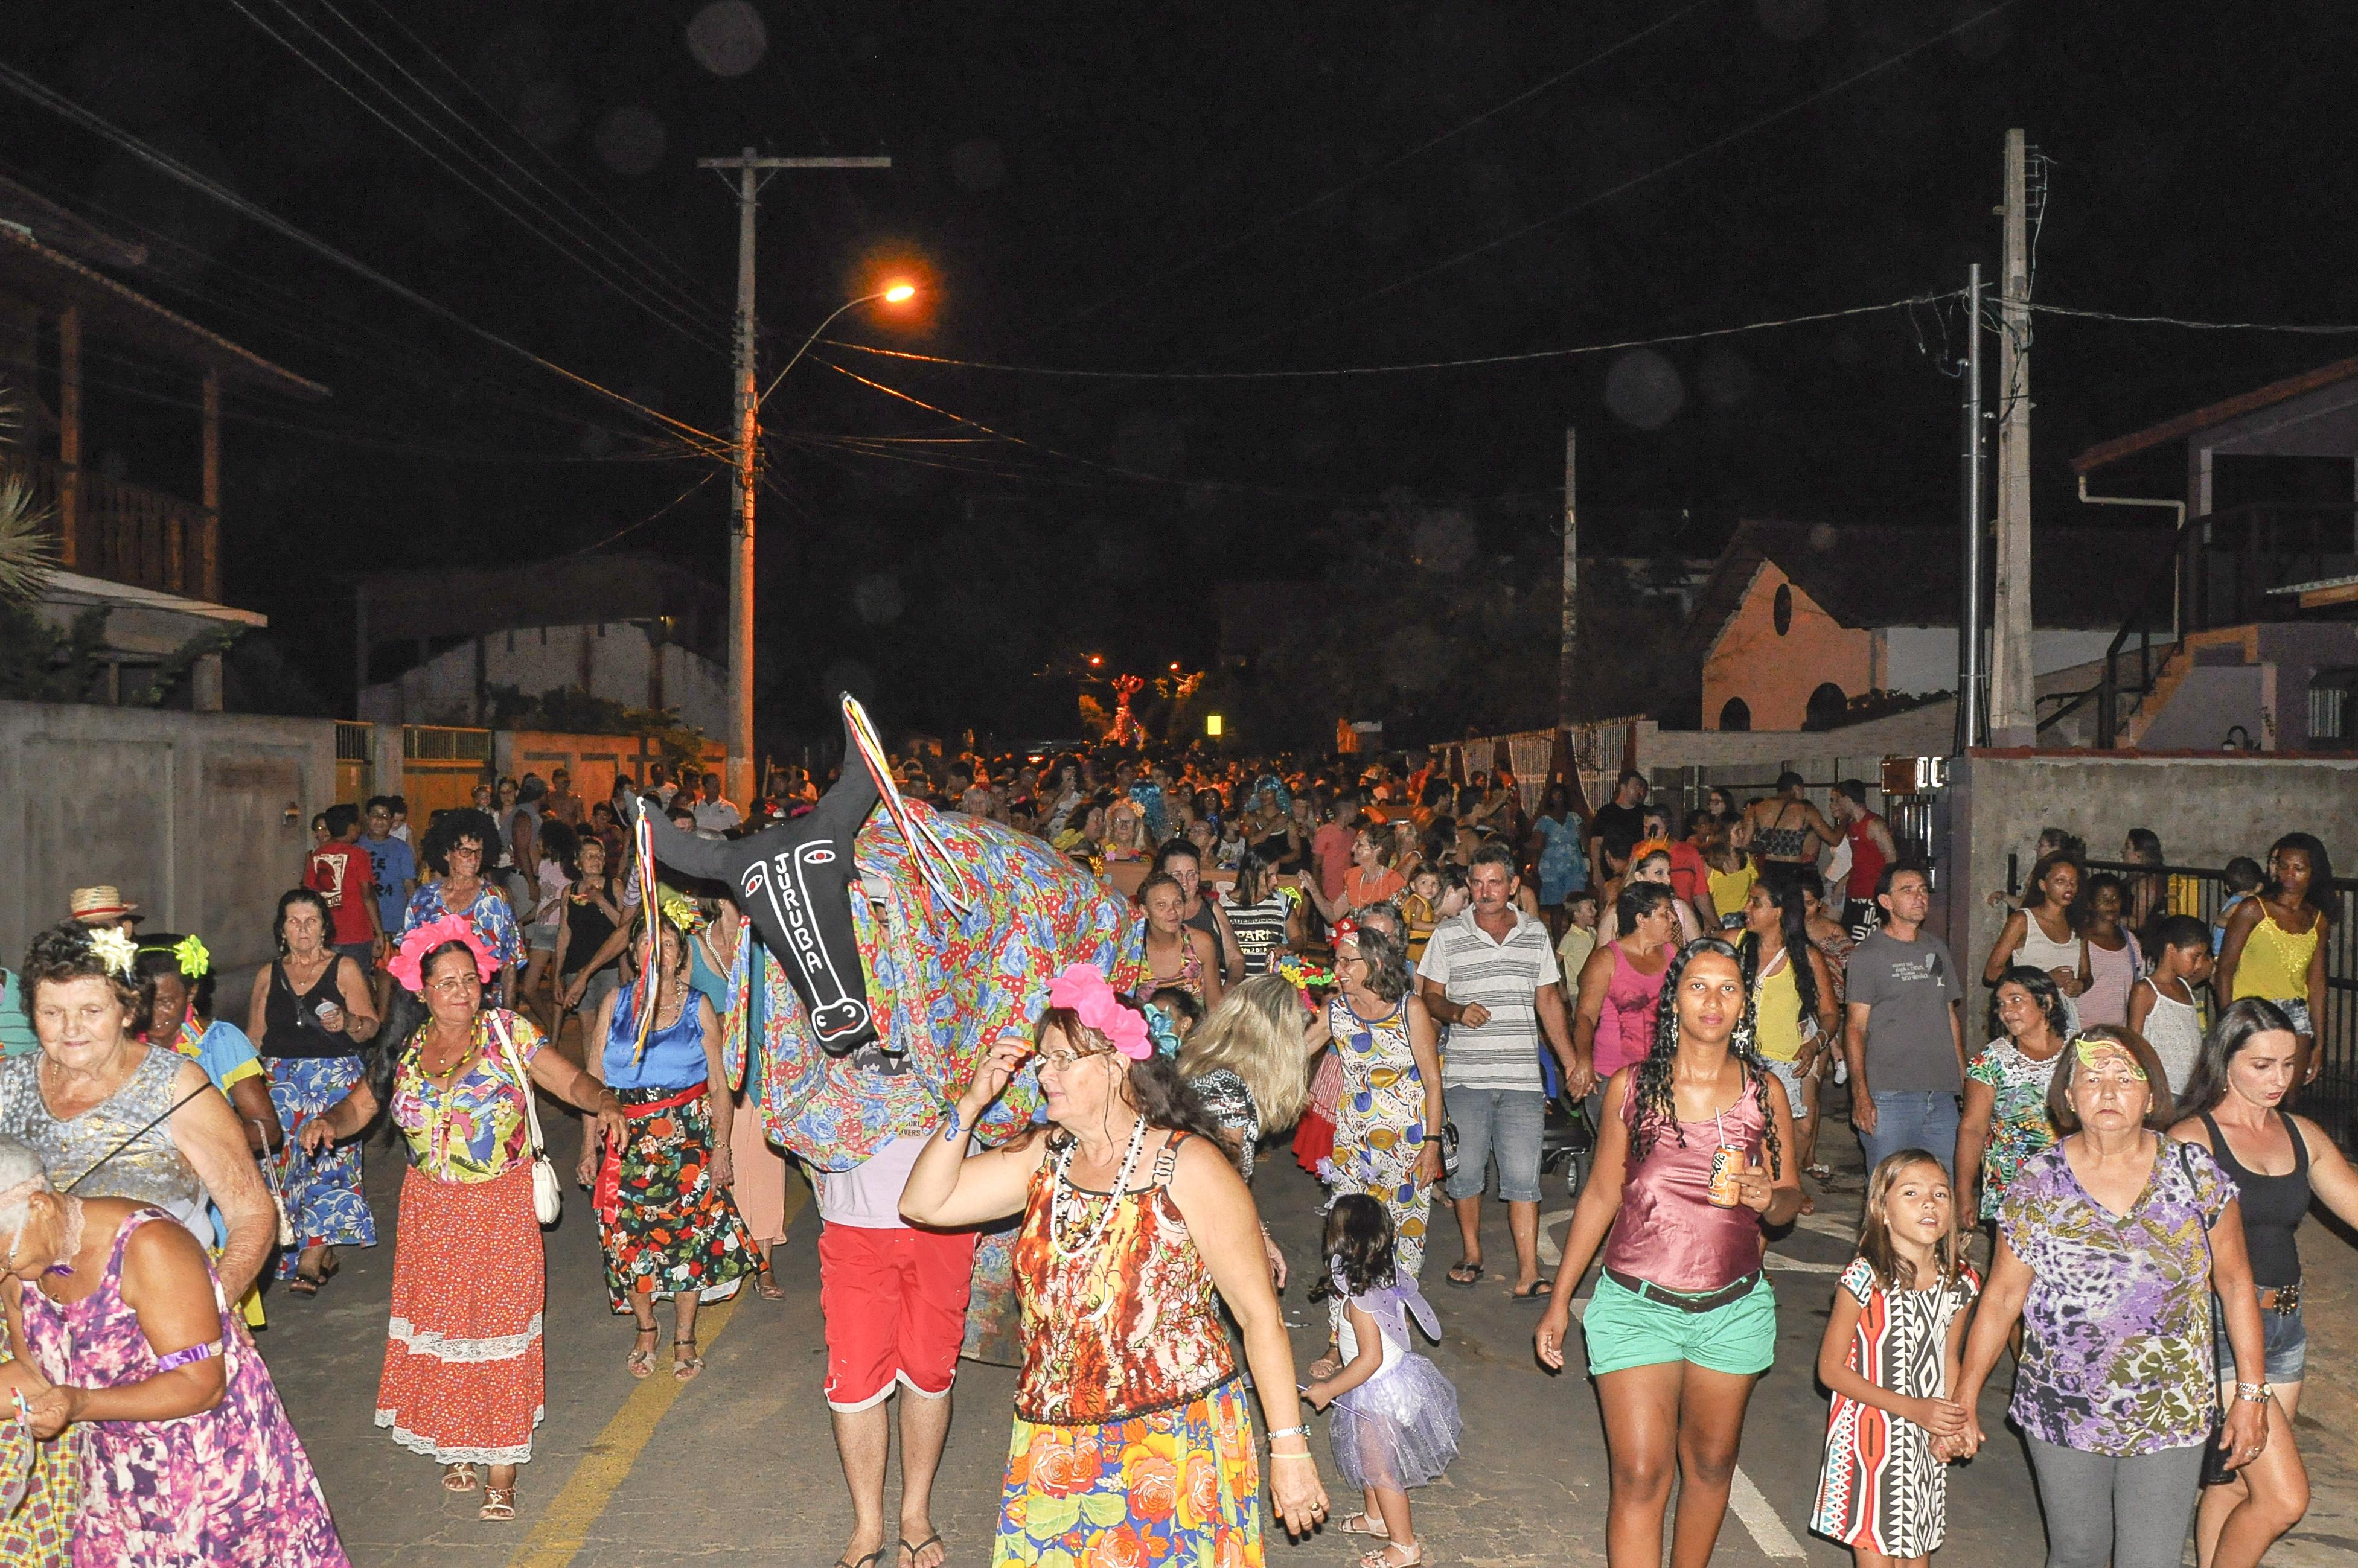 Grito de Carnaval agitou a cidade no final de semana